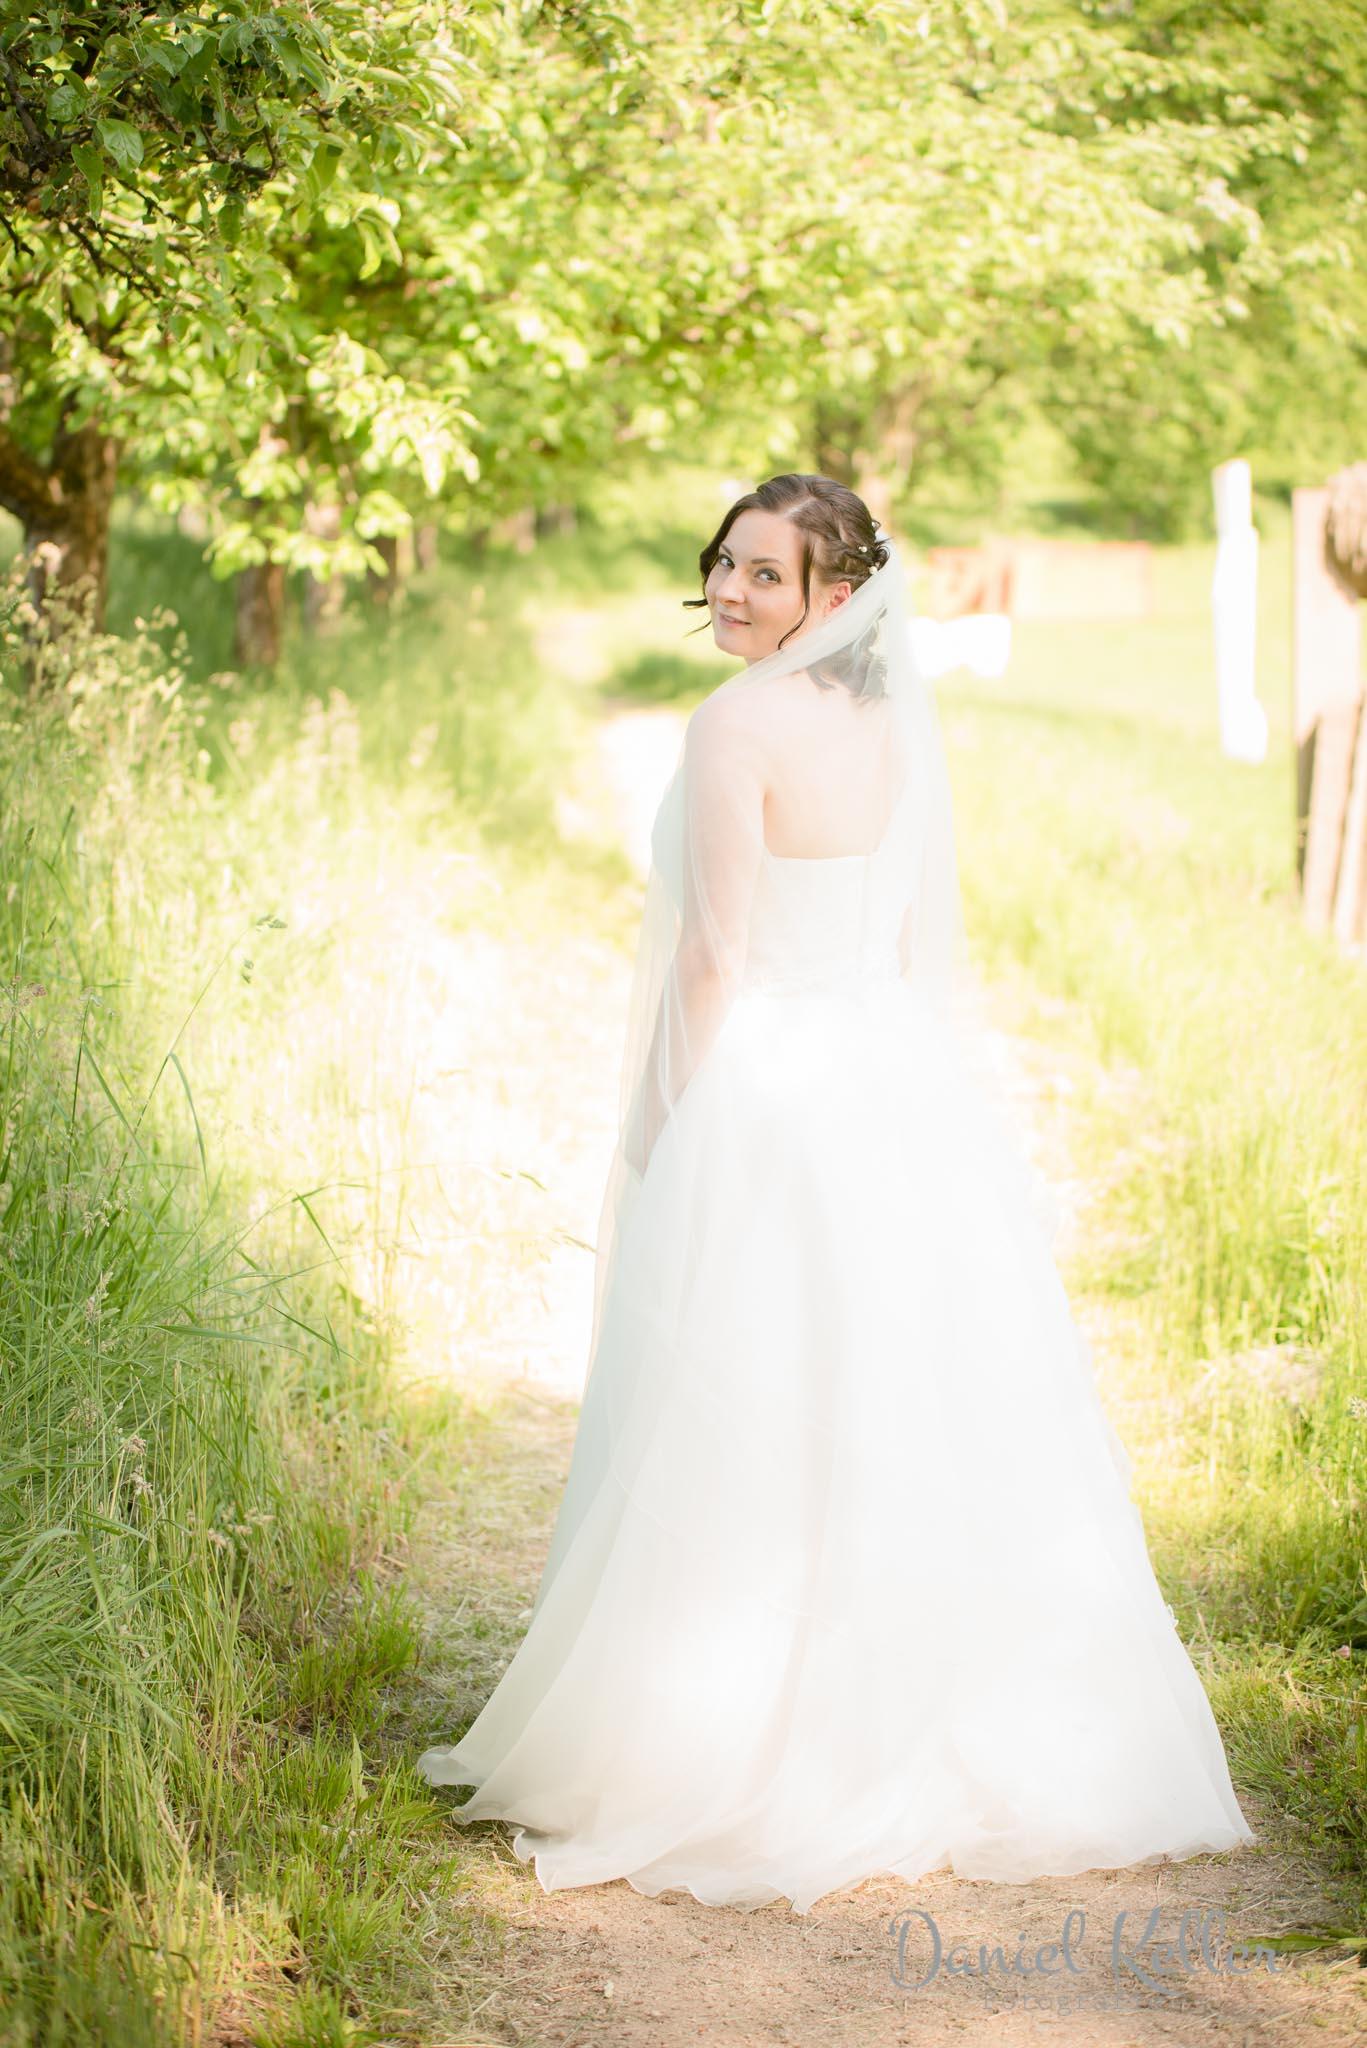 Hochzeitsfotograf Offenburg Daniel Keller Fotografie